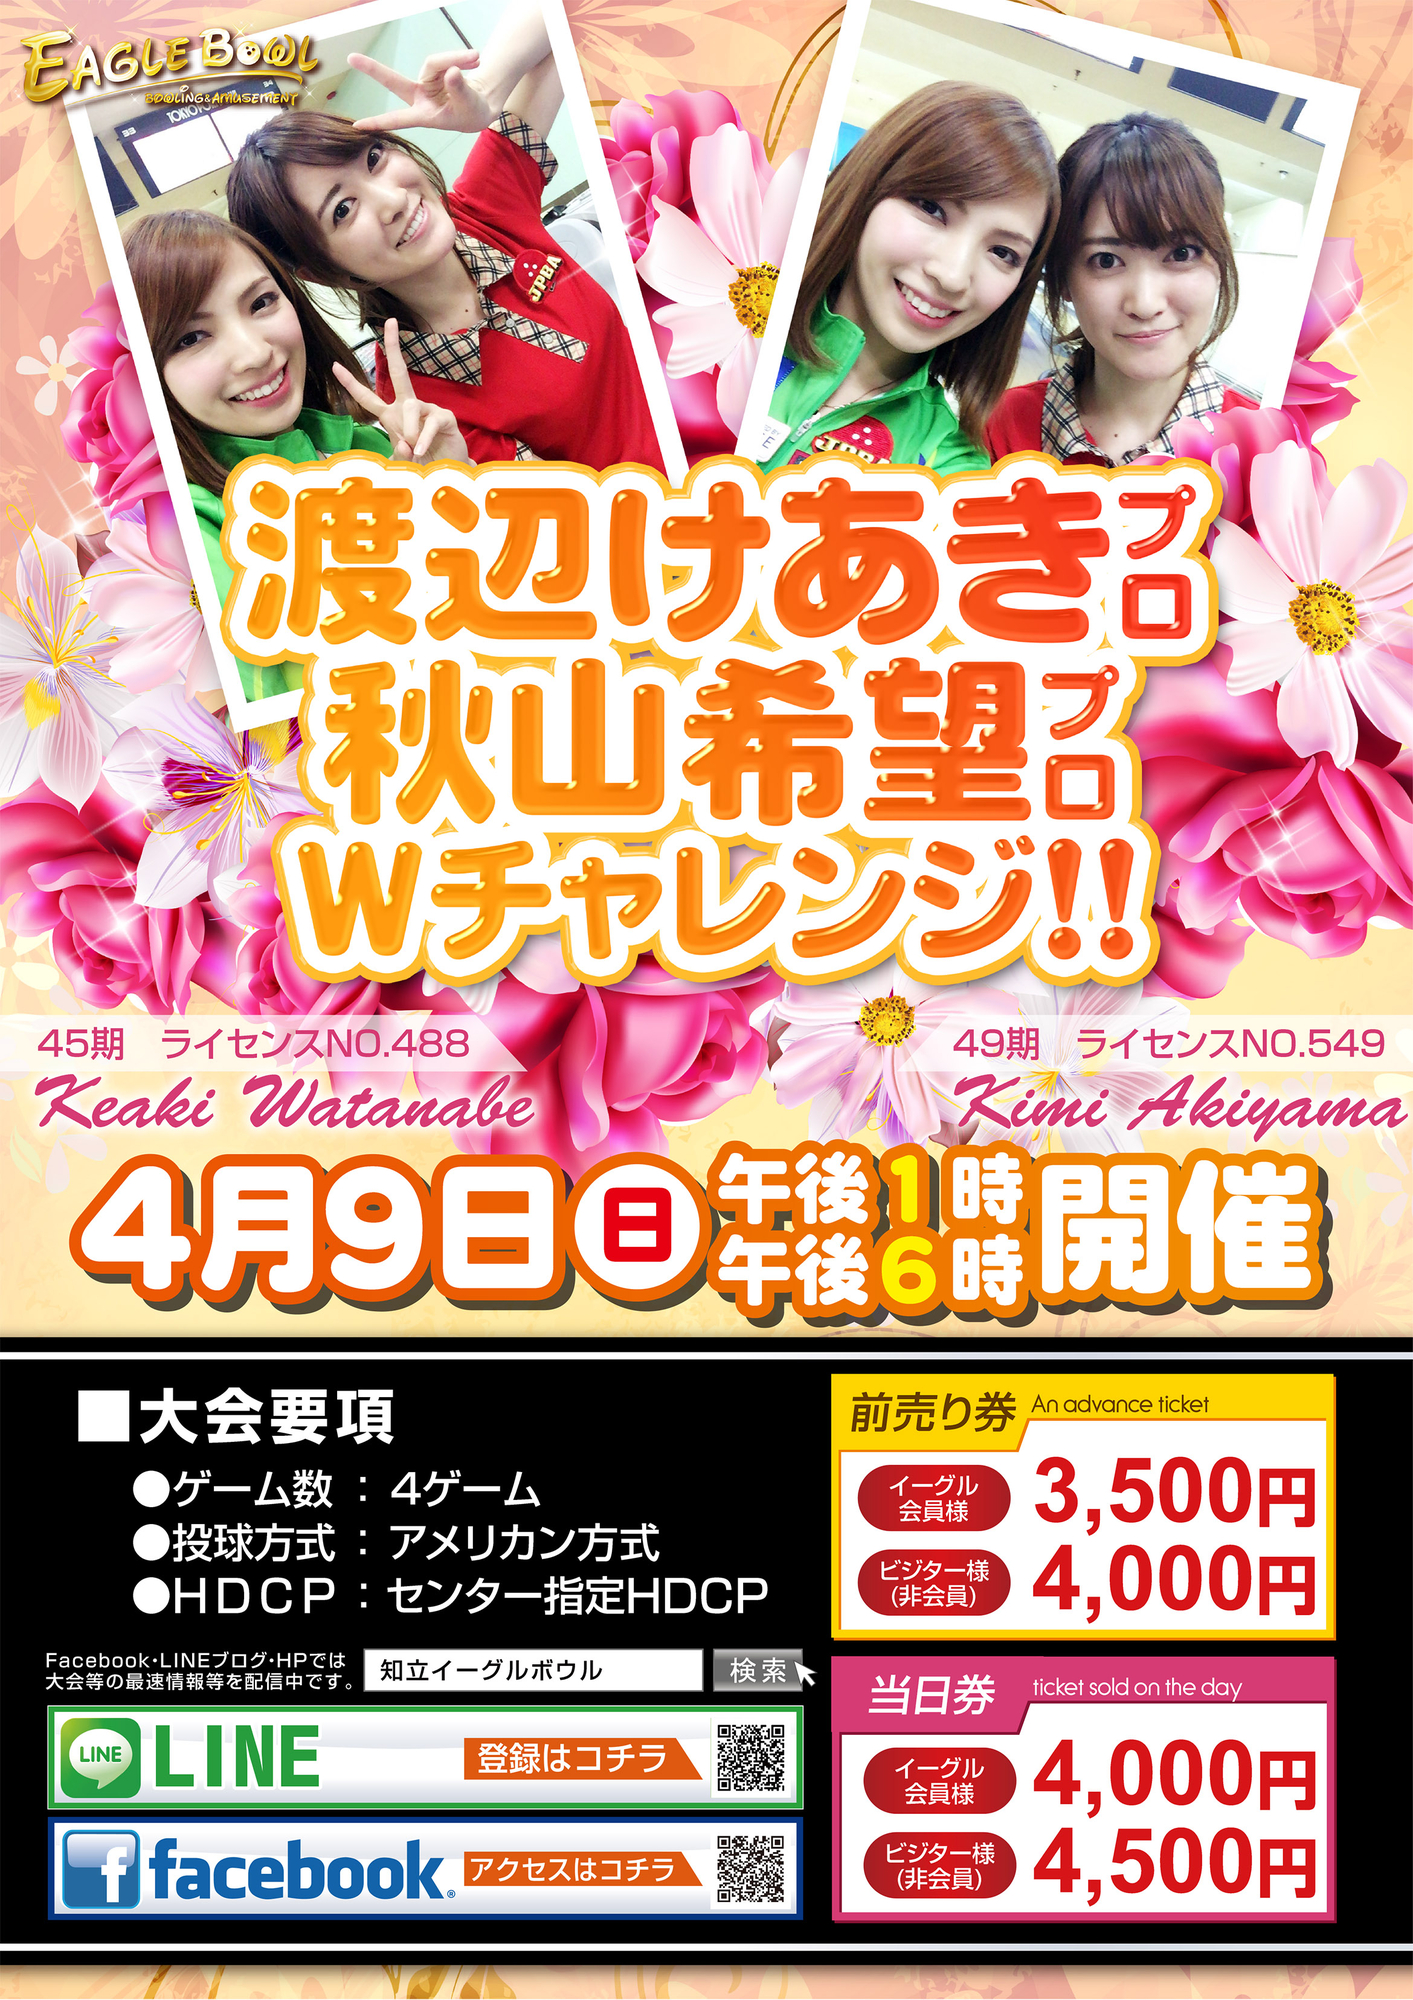 4/9 渡辺けあきプロ&秋山希望プロチャレンジ